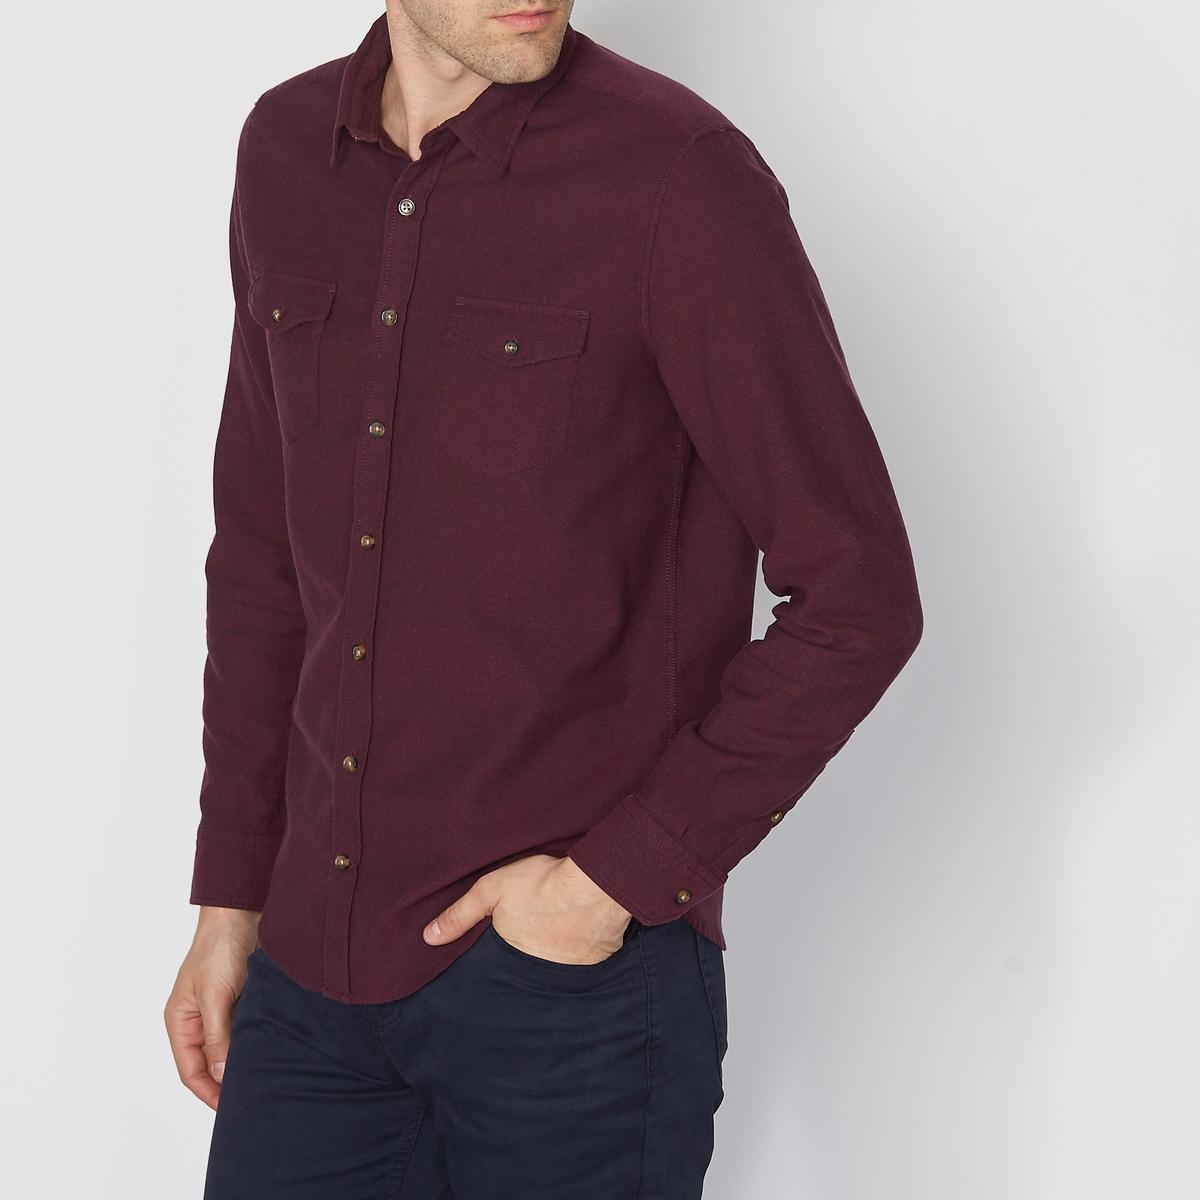 Рубашка с длинными рукавами, стандартный покрой из фланелиРубашка с длинными рукавами. Стандартный покрой из фланели, классический воротник со свободными кончиками .  Нагрудные накладные карманы. Застёжка спереди и манжеты на пуговицах. Закругленный низ. Состав &amp; ДеталиМатериал : 76% хлопок, 22% полиэстер, 2% эластанМарка : R edition.УходМашинная стирка при 30 °ССтирать вместе с одеждой подобных цветовГладить с изнаночной стороны.<br><br>Цвет: бордовый,серый,темно-синий<br>Размер: 39/40.39/40.43/44